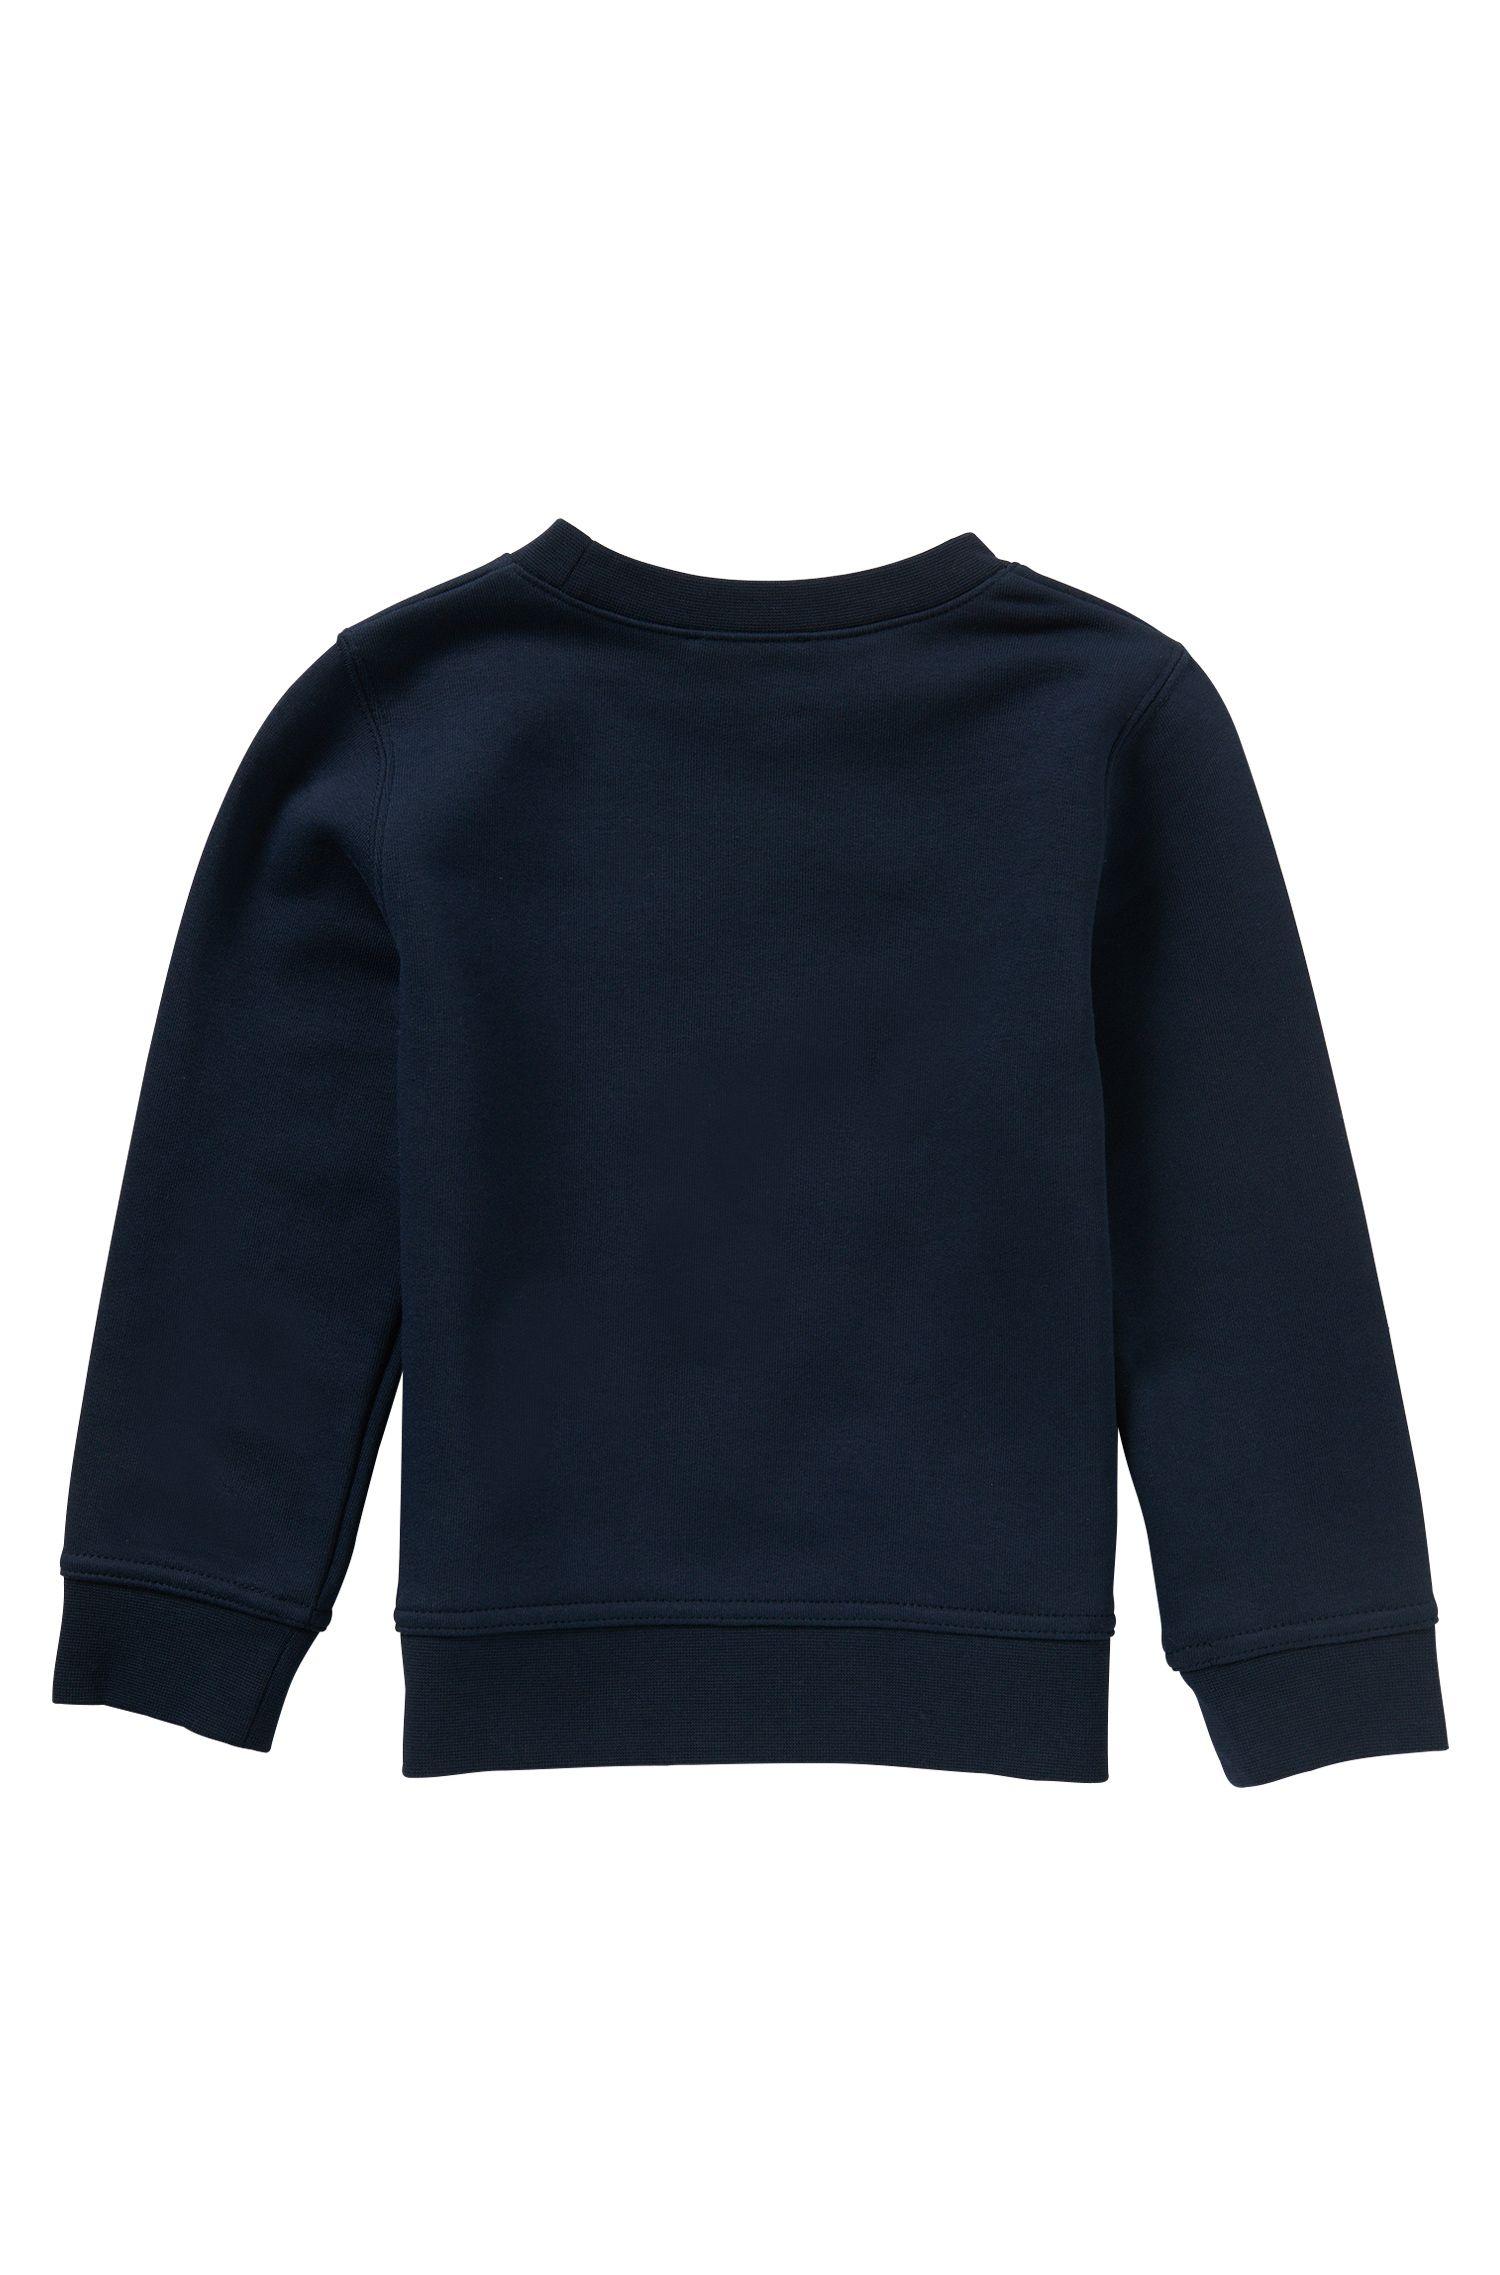 Sweat pour enfant en coton mélangé à logo imprimé gommé: «J25971»